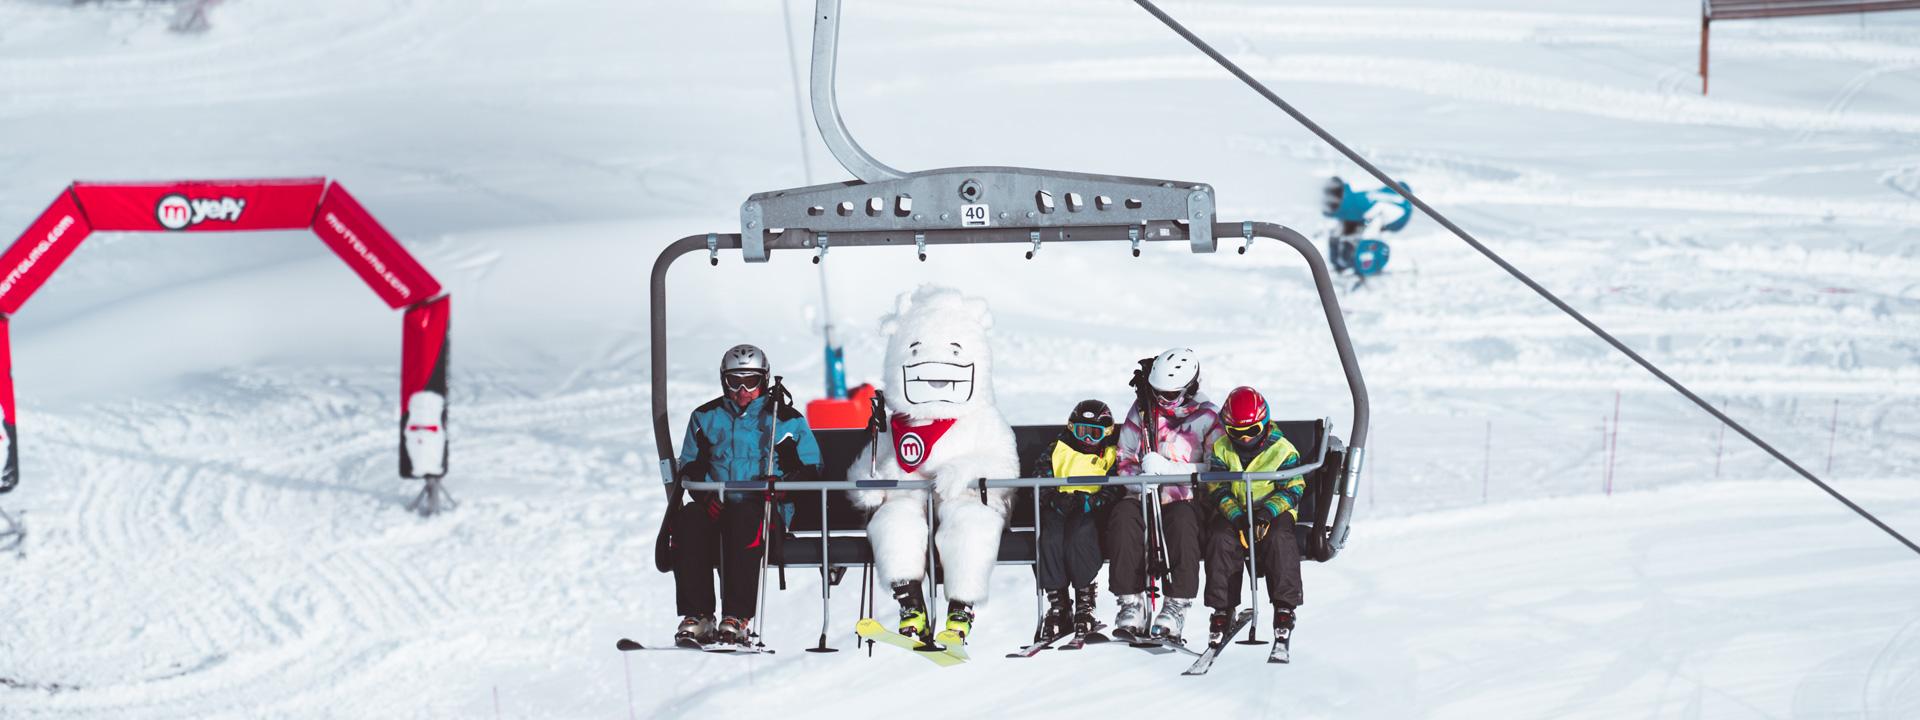 Seggiovia Yepi sulla ski area Mottolino a Livigno